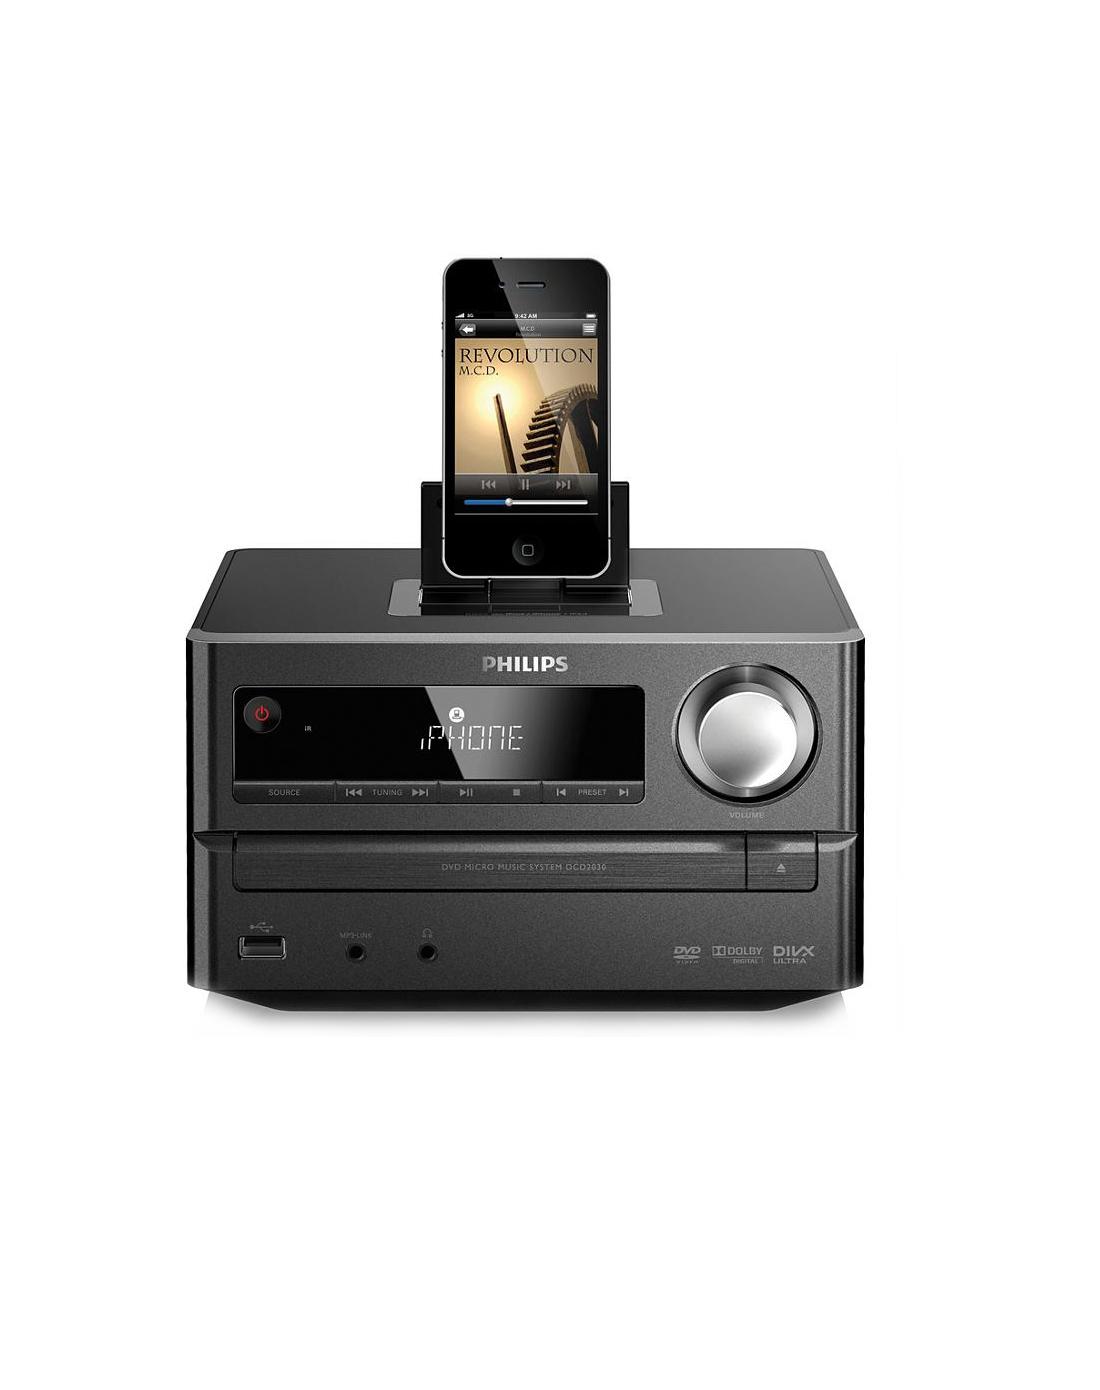 飞利浦dcm2030dvd迷你组合音响 iphone基座 支持cd/usb播放